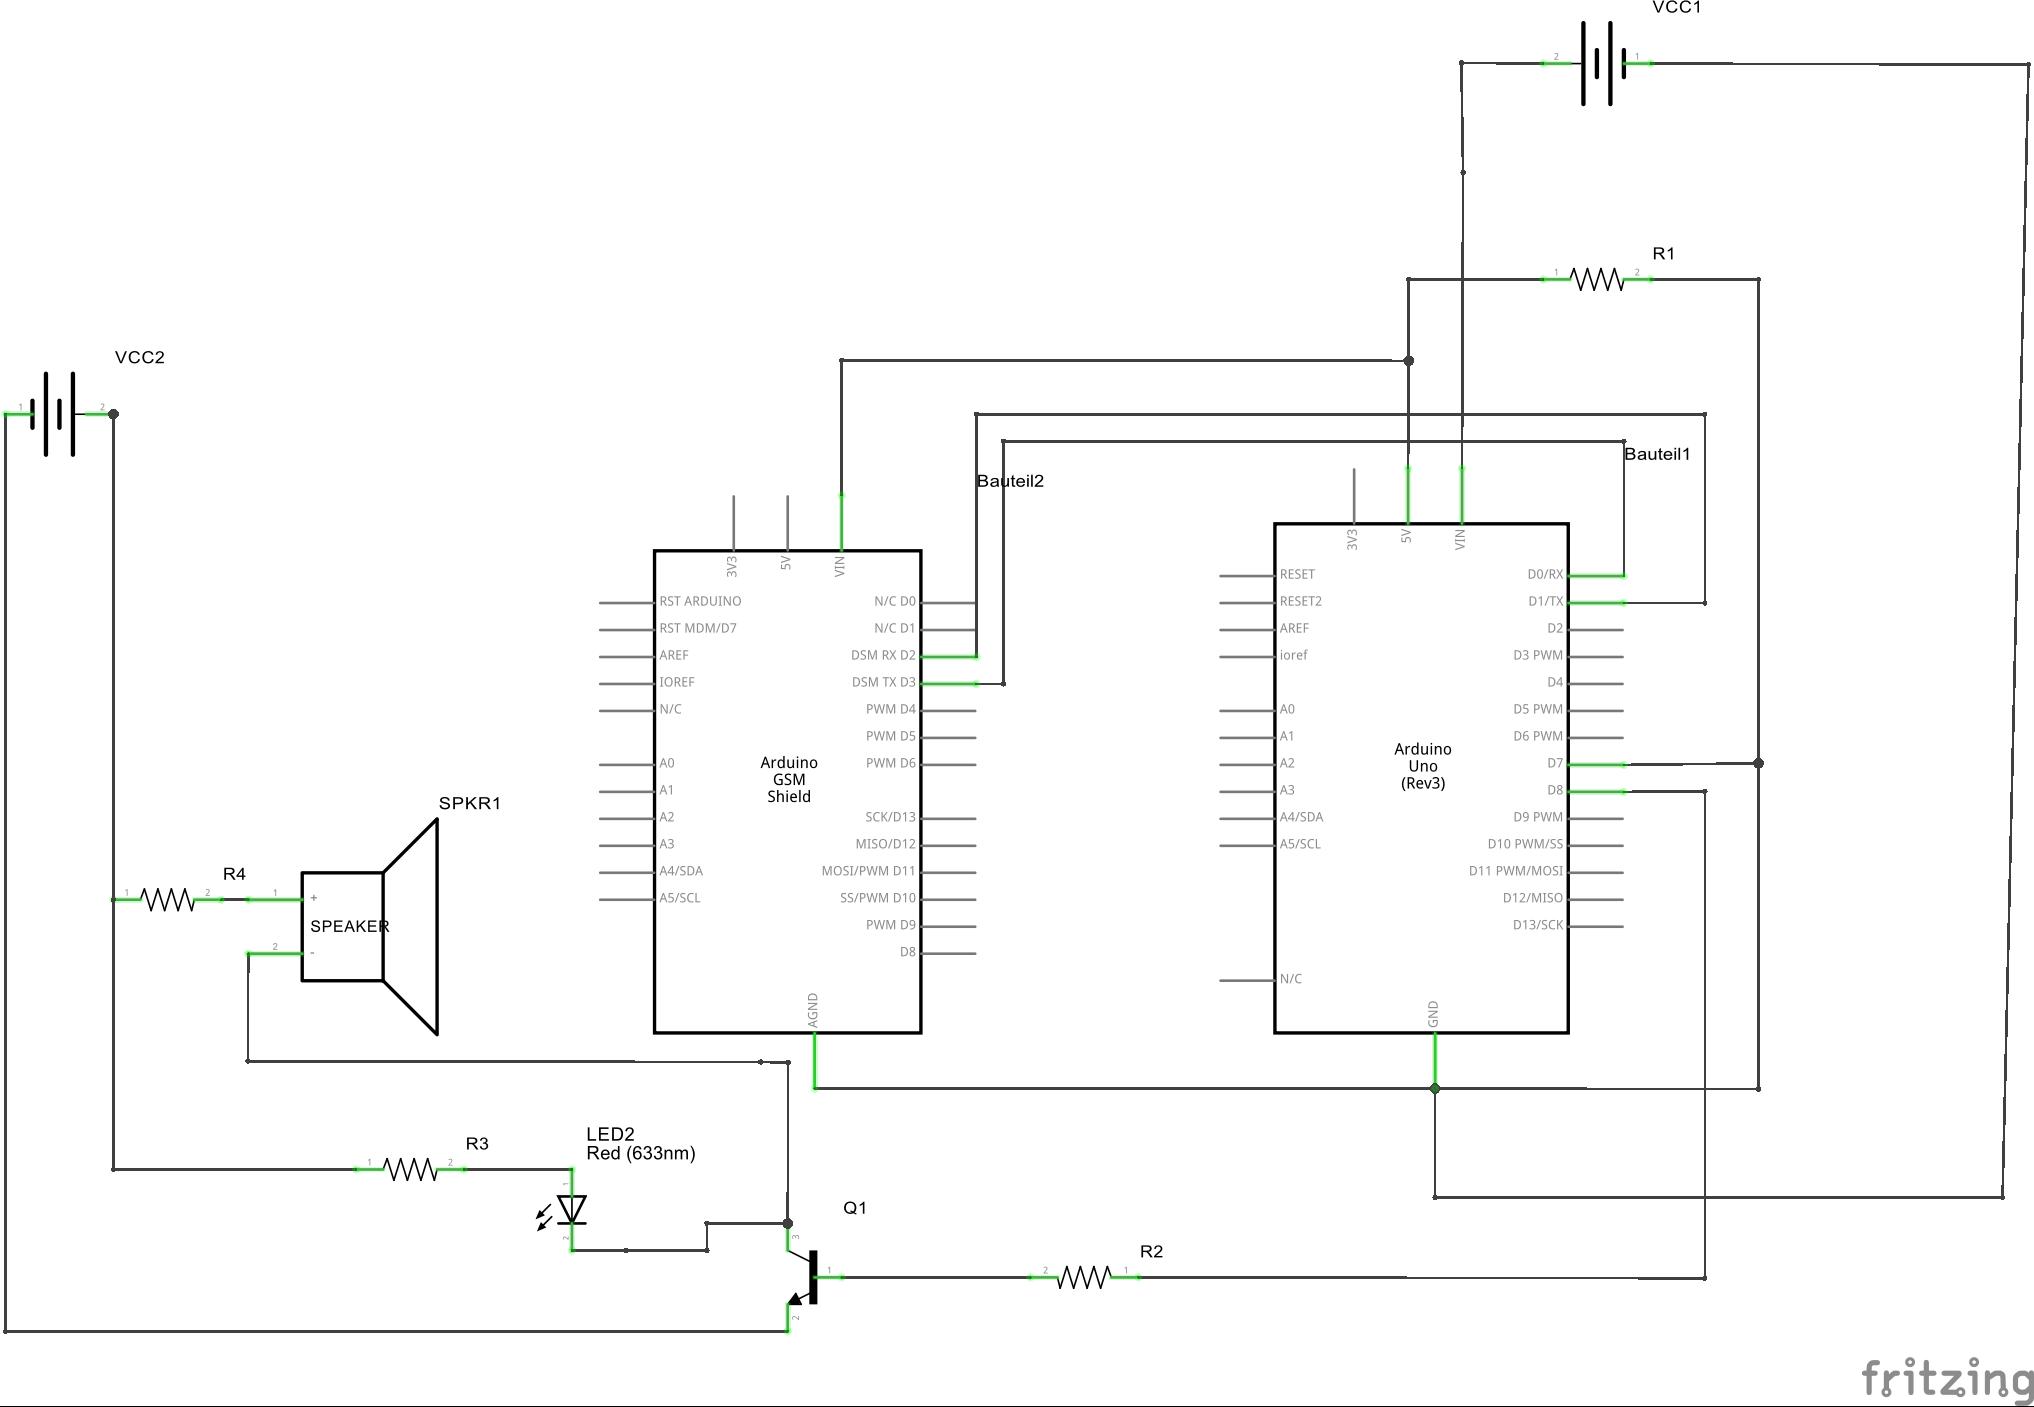 Arduino Uno Spannungsabfrage 1 oder 0? - Mikrocontroller.net